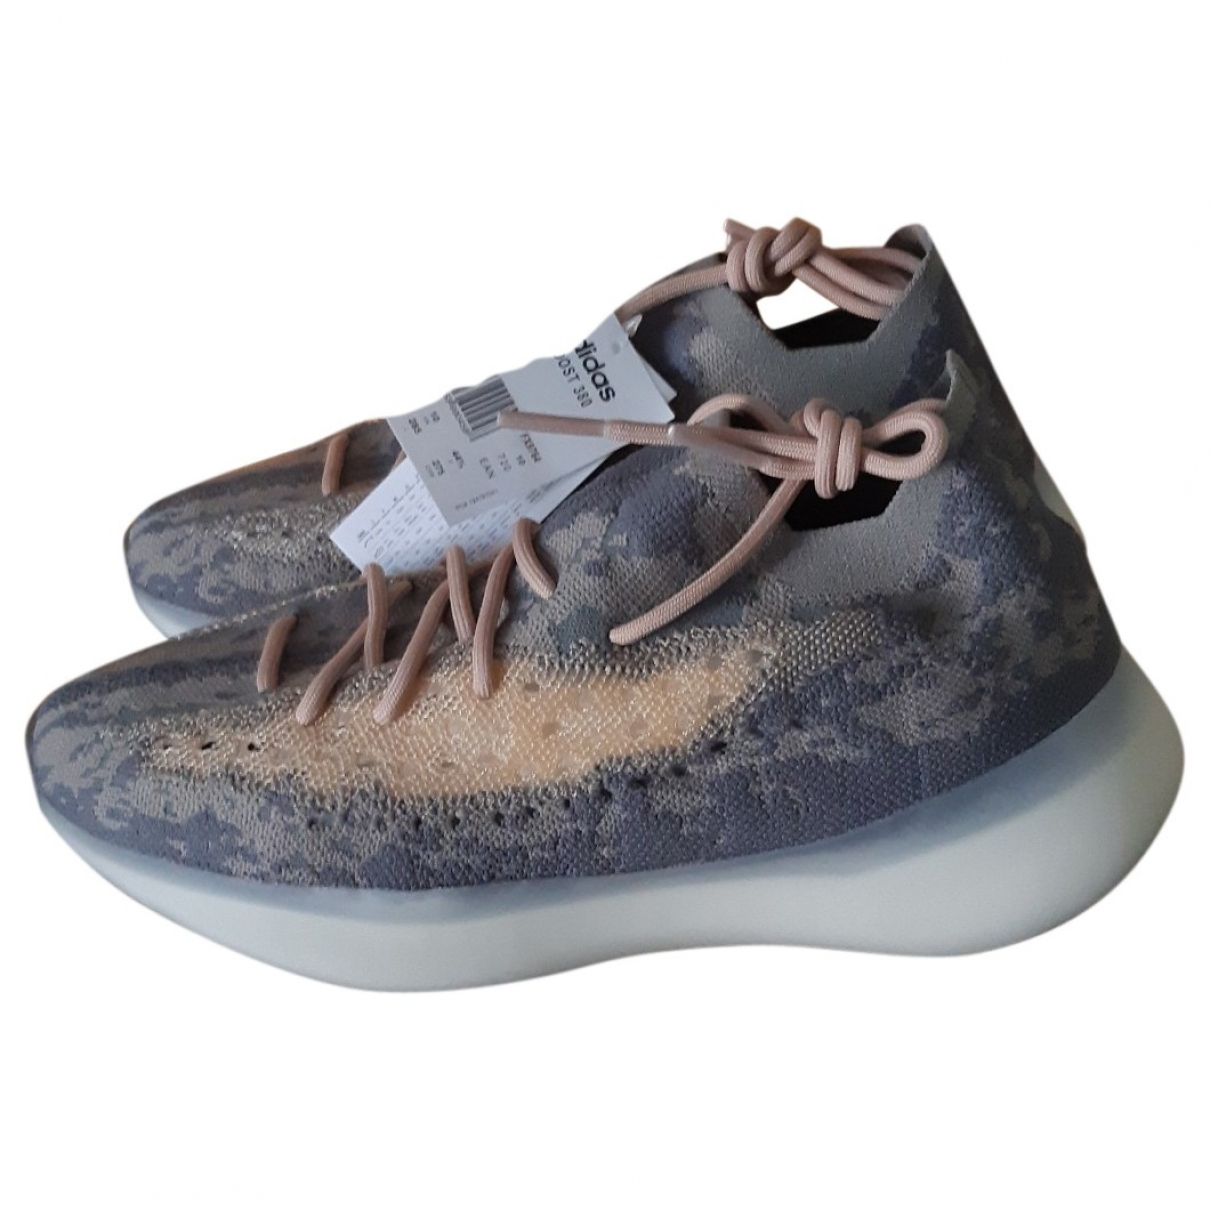 Yeezy X Adidas - Baskets Boost 380 pour homme en toile - gris